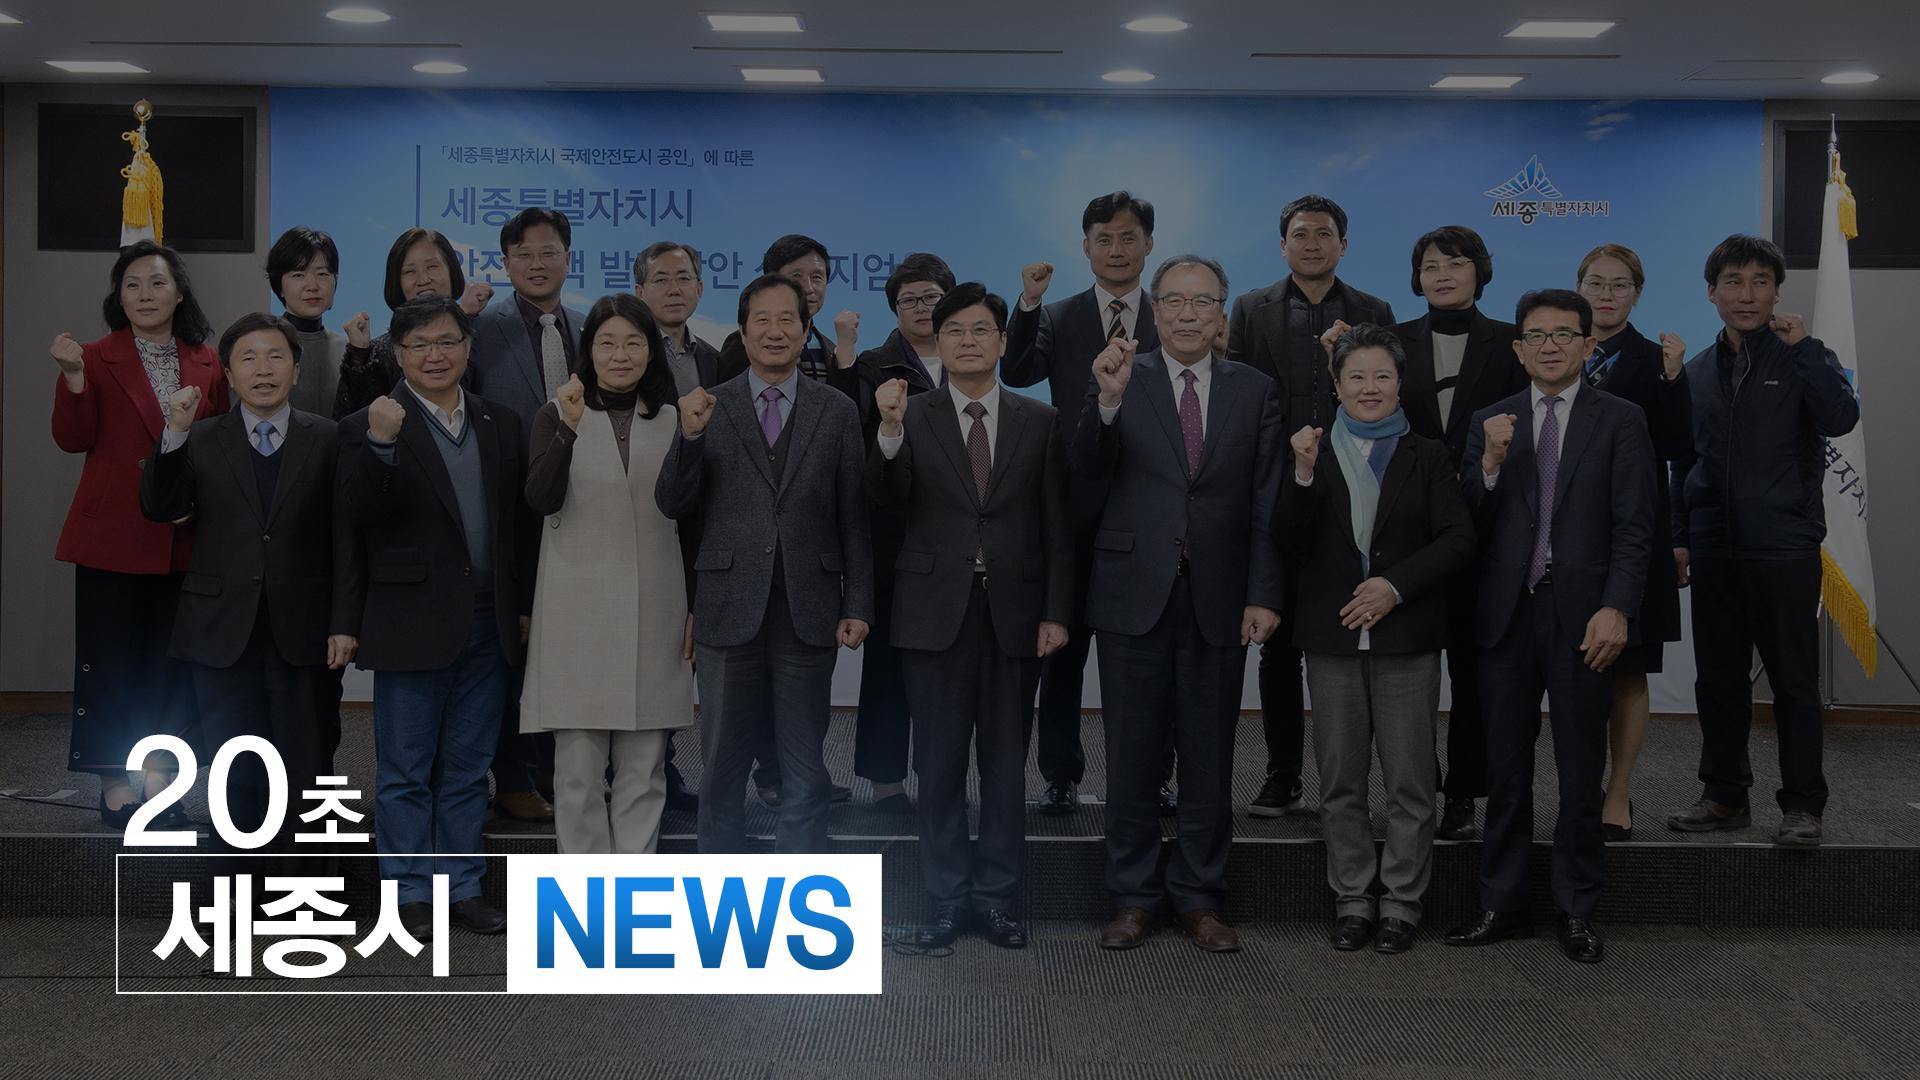 <20초뉴스> 세종시 안전정책 발전방안 심포지엄 개최